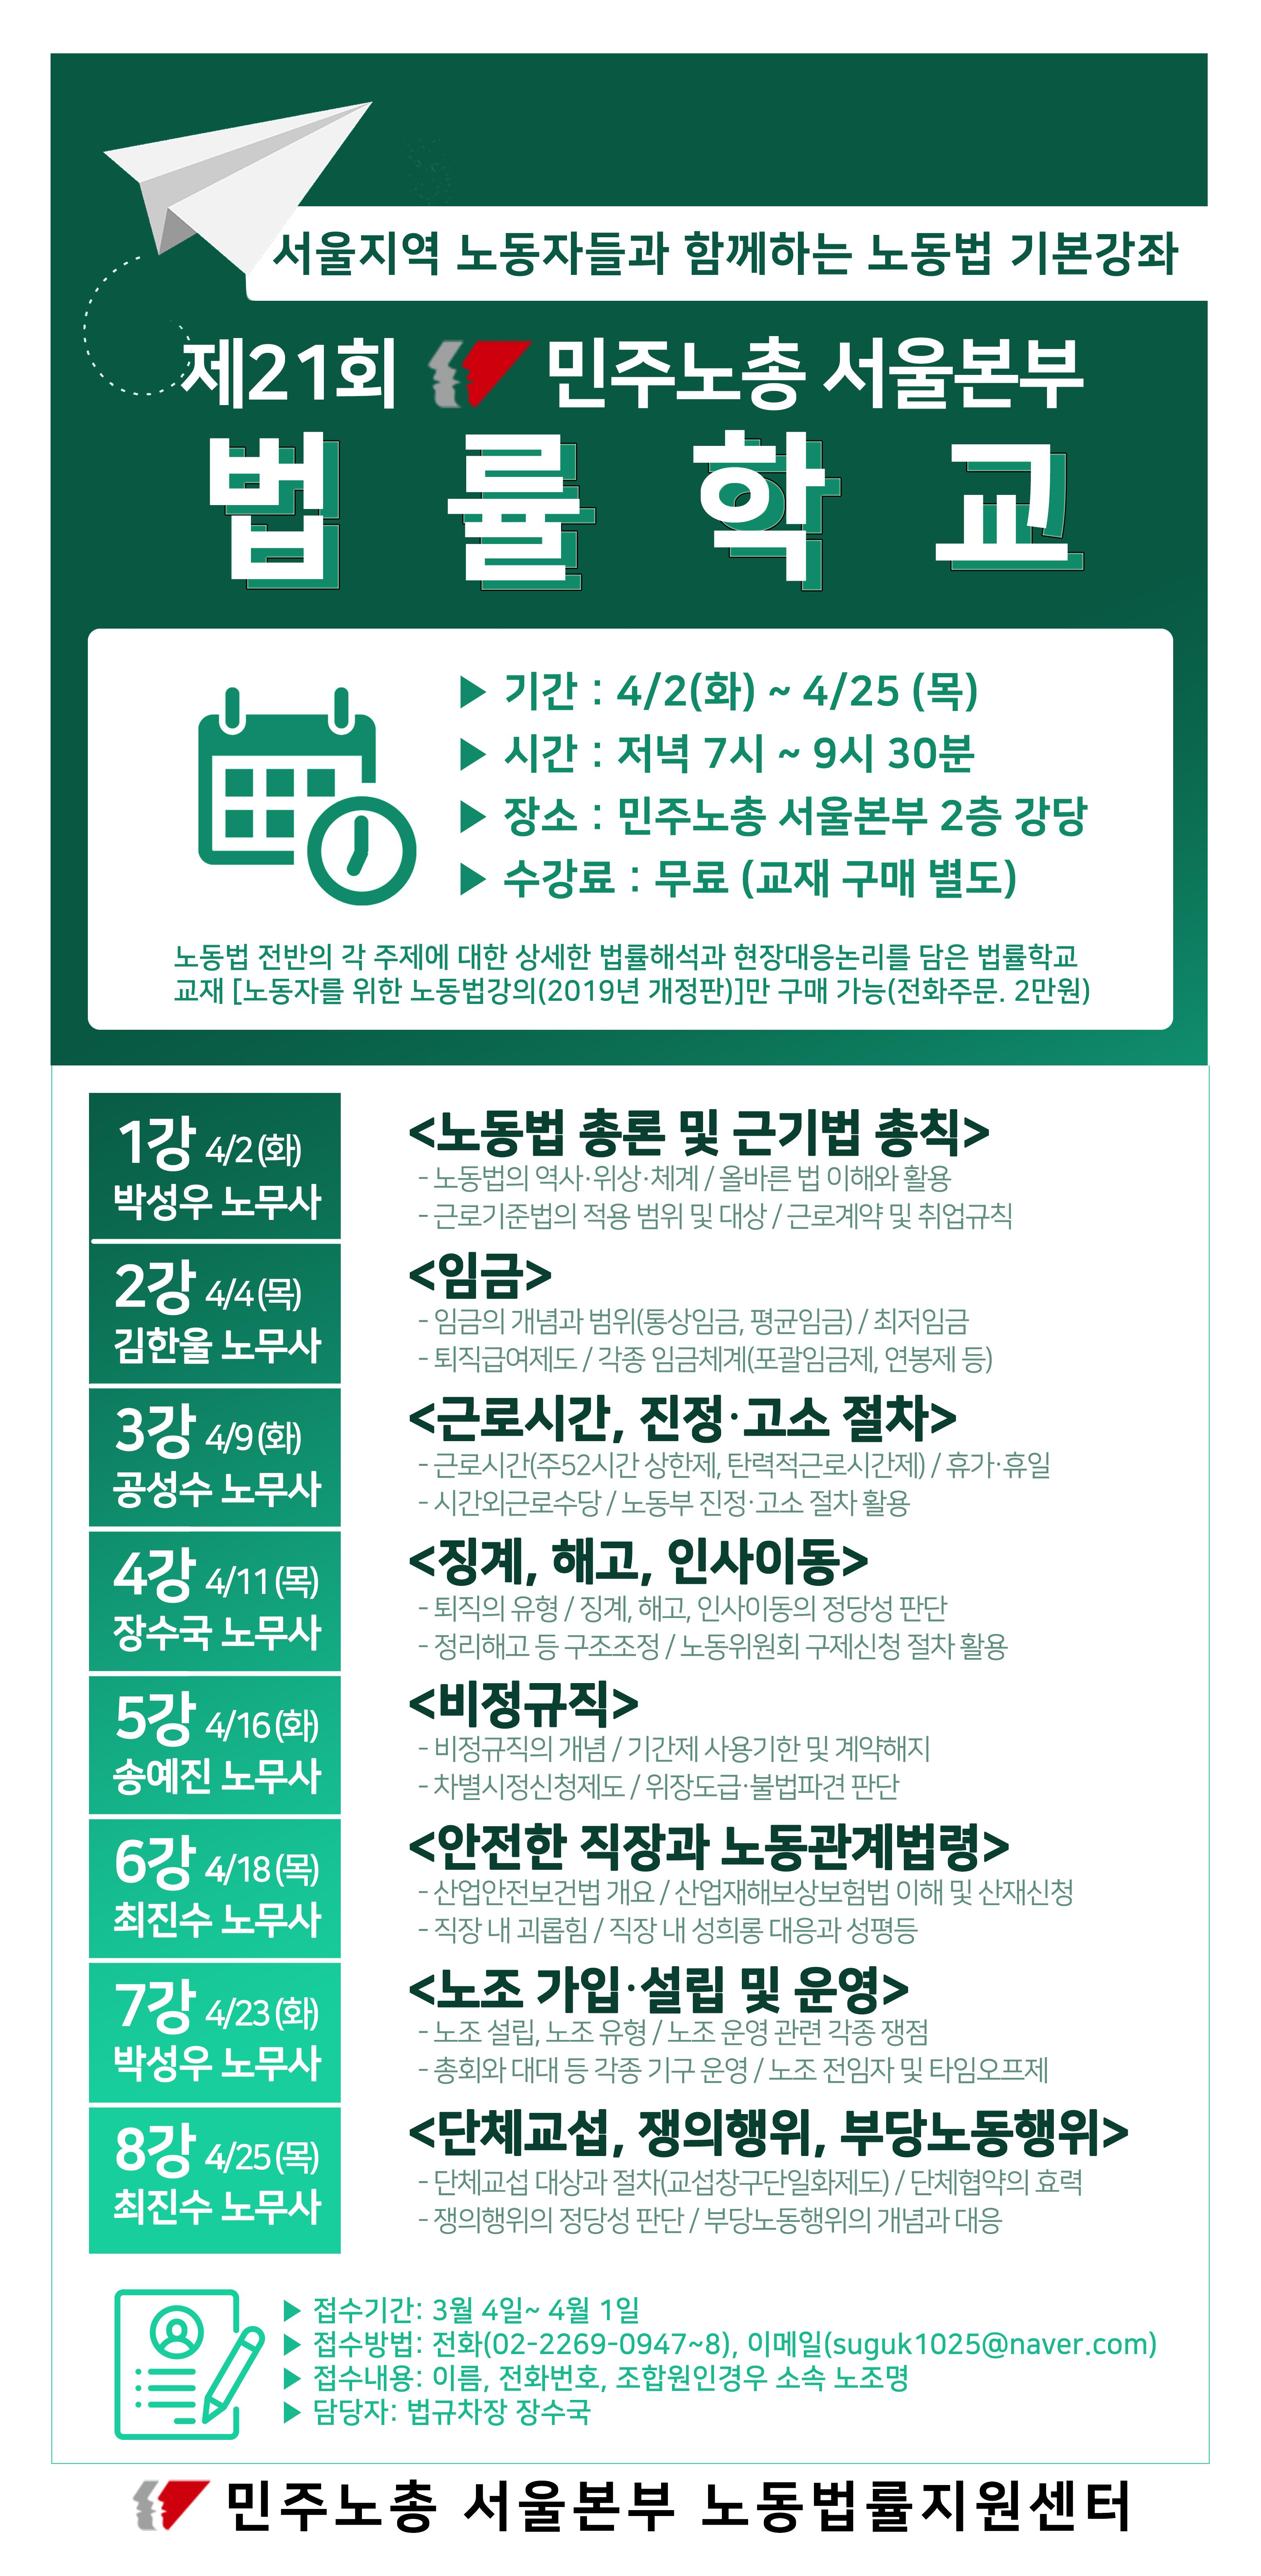 2019법률학교웹자보.png